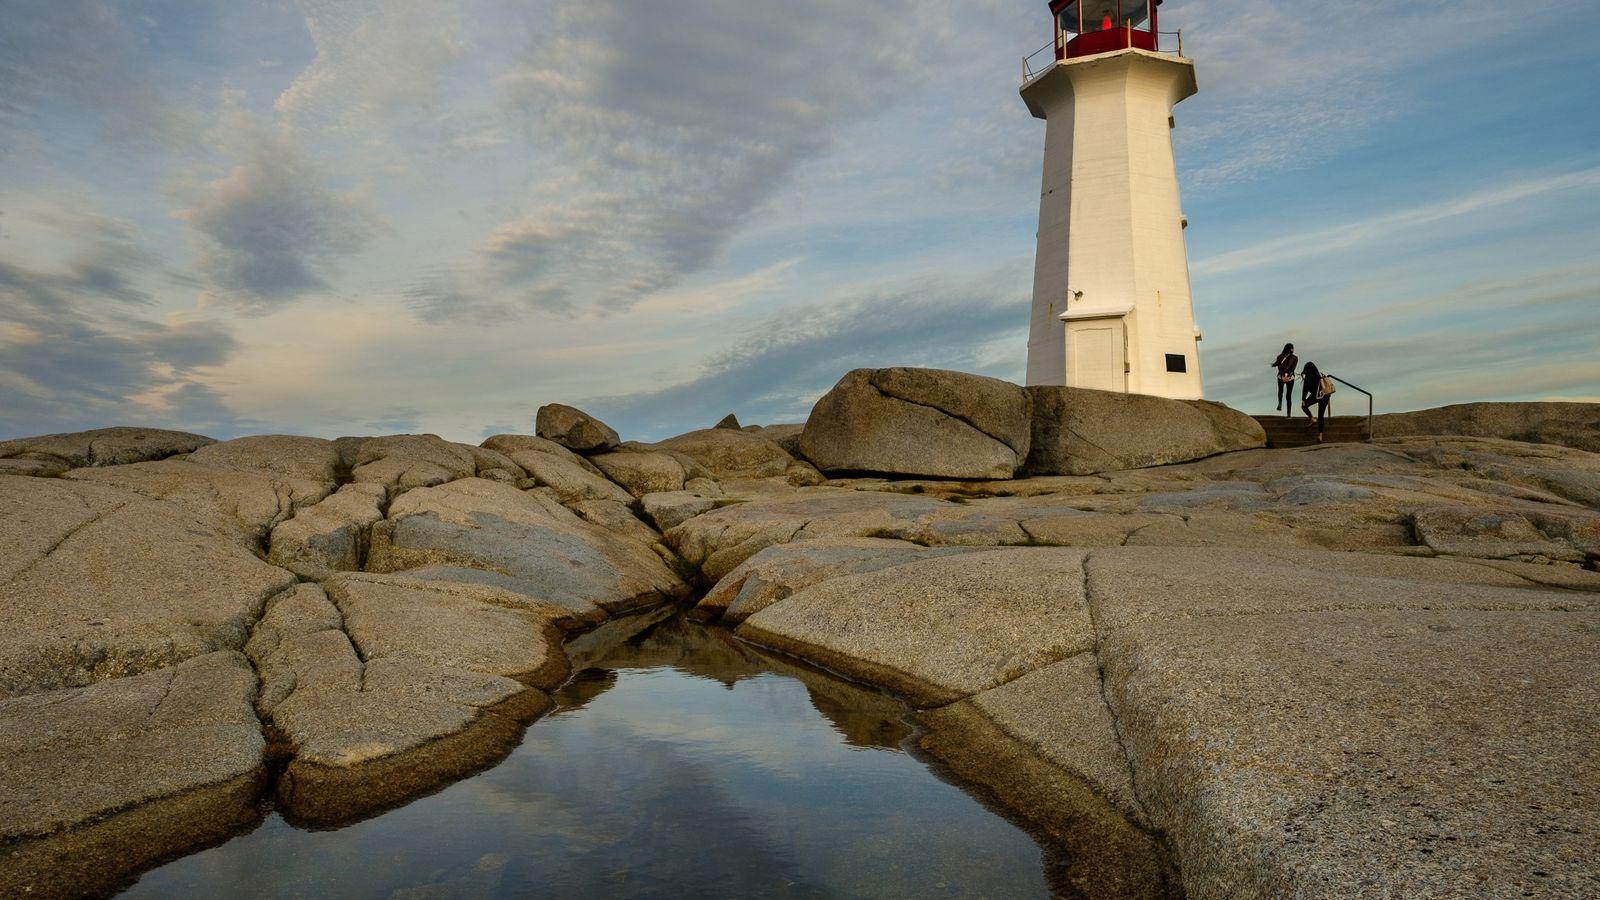 Bei Sonnenuntergang beginnt das gut sichtbare rote Licht des Leuchtturms in Peggy's Cove zu glühen.